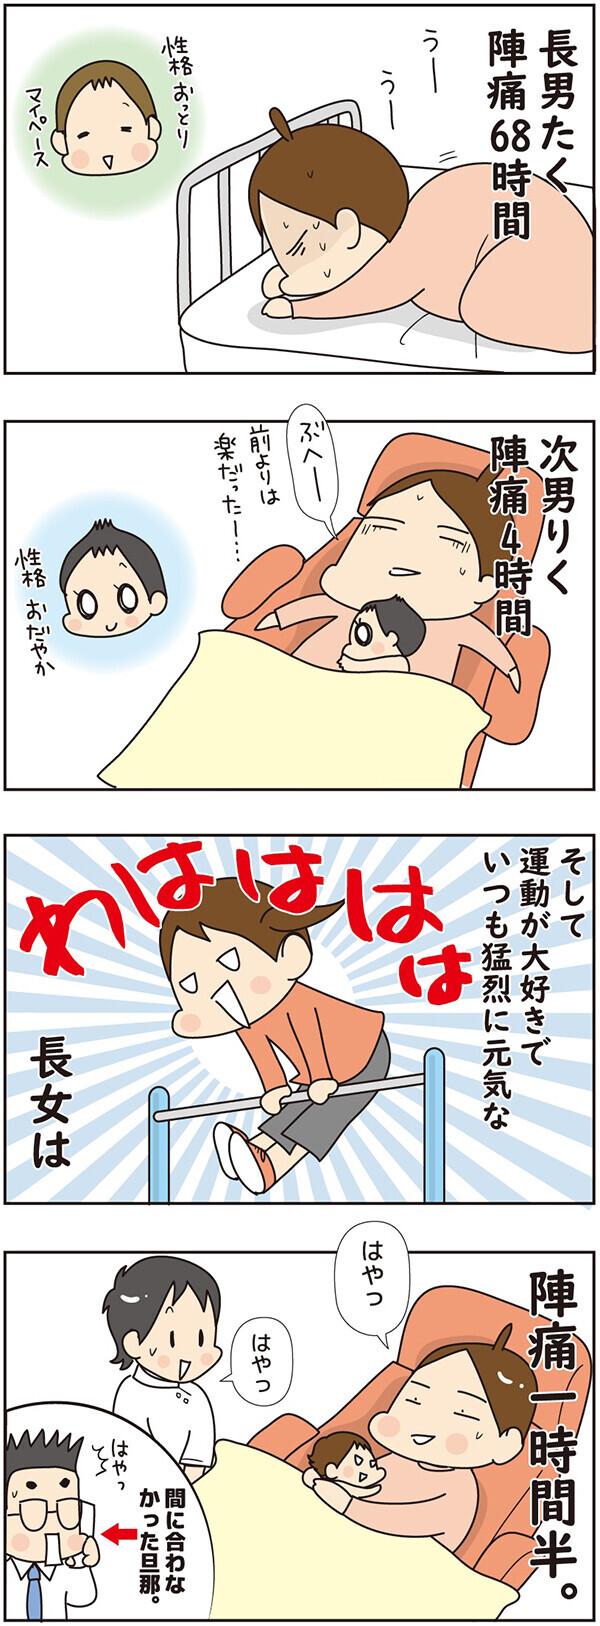 陣痛時間と3兄弟の性格が、不思議とリンク…!?【ほわわん娘絵日記 第2話】